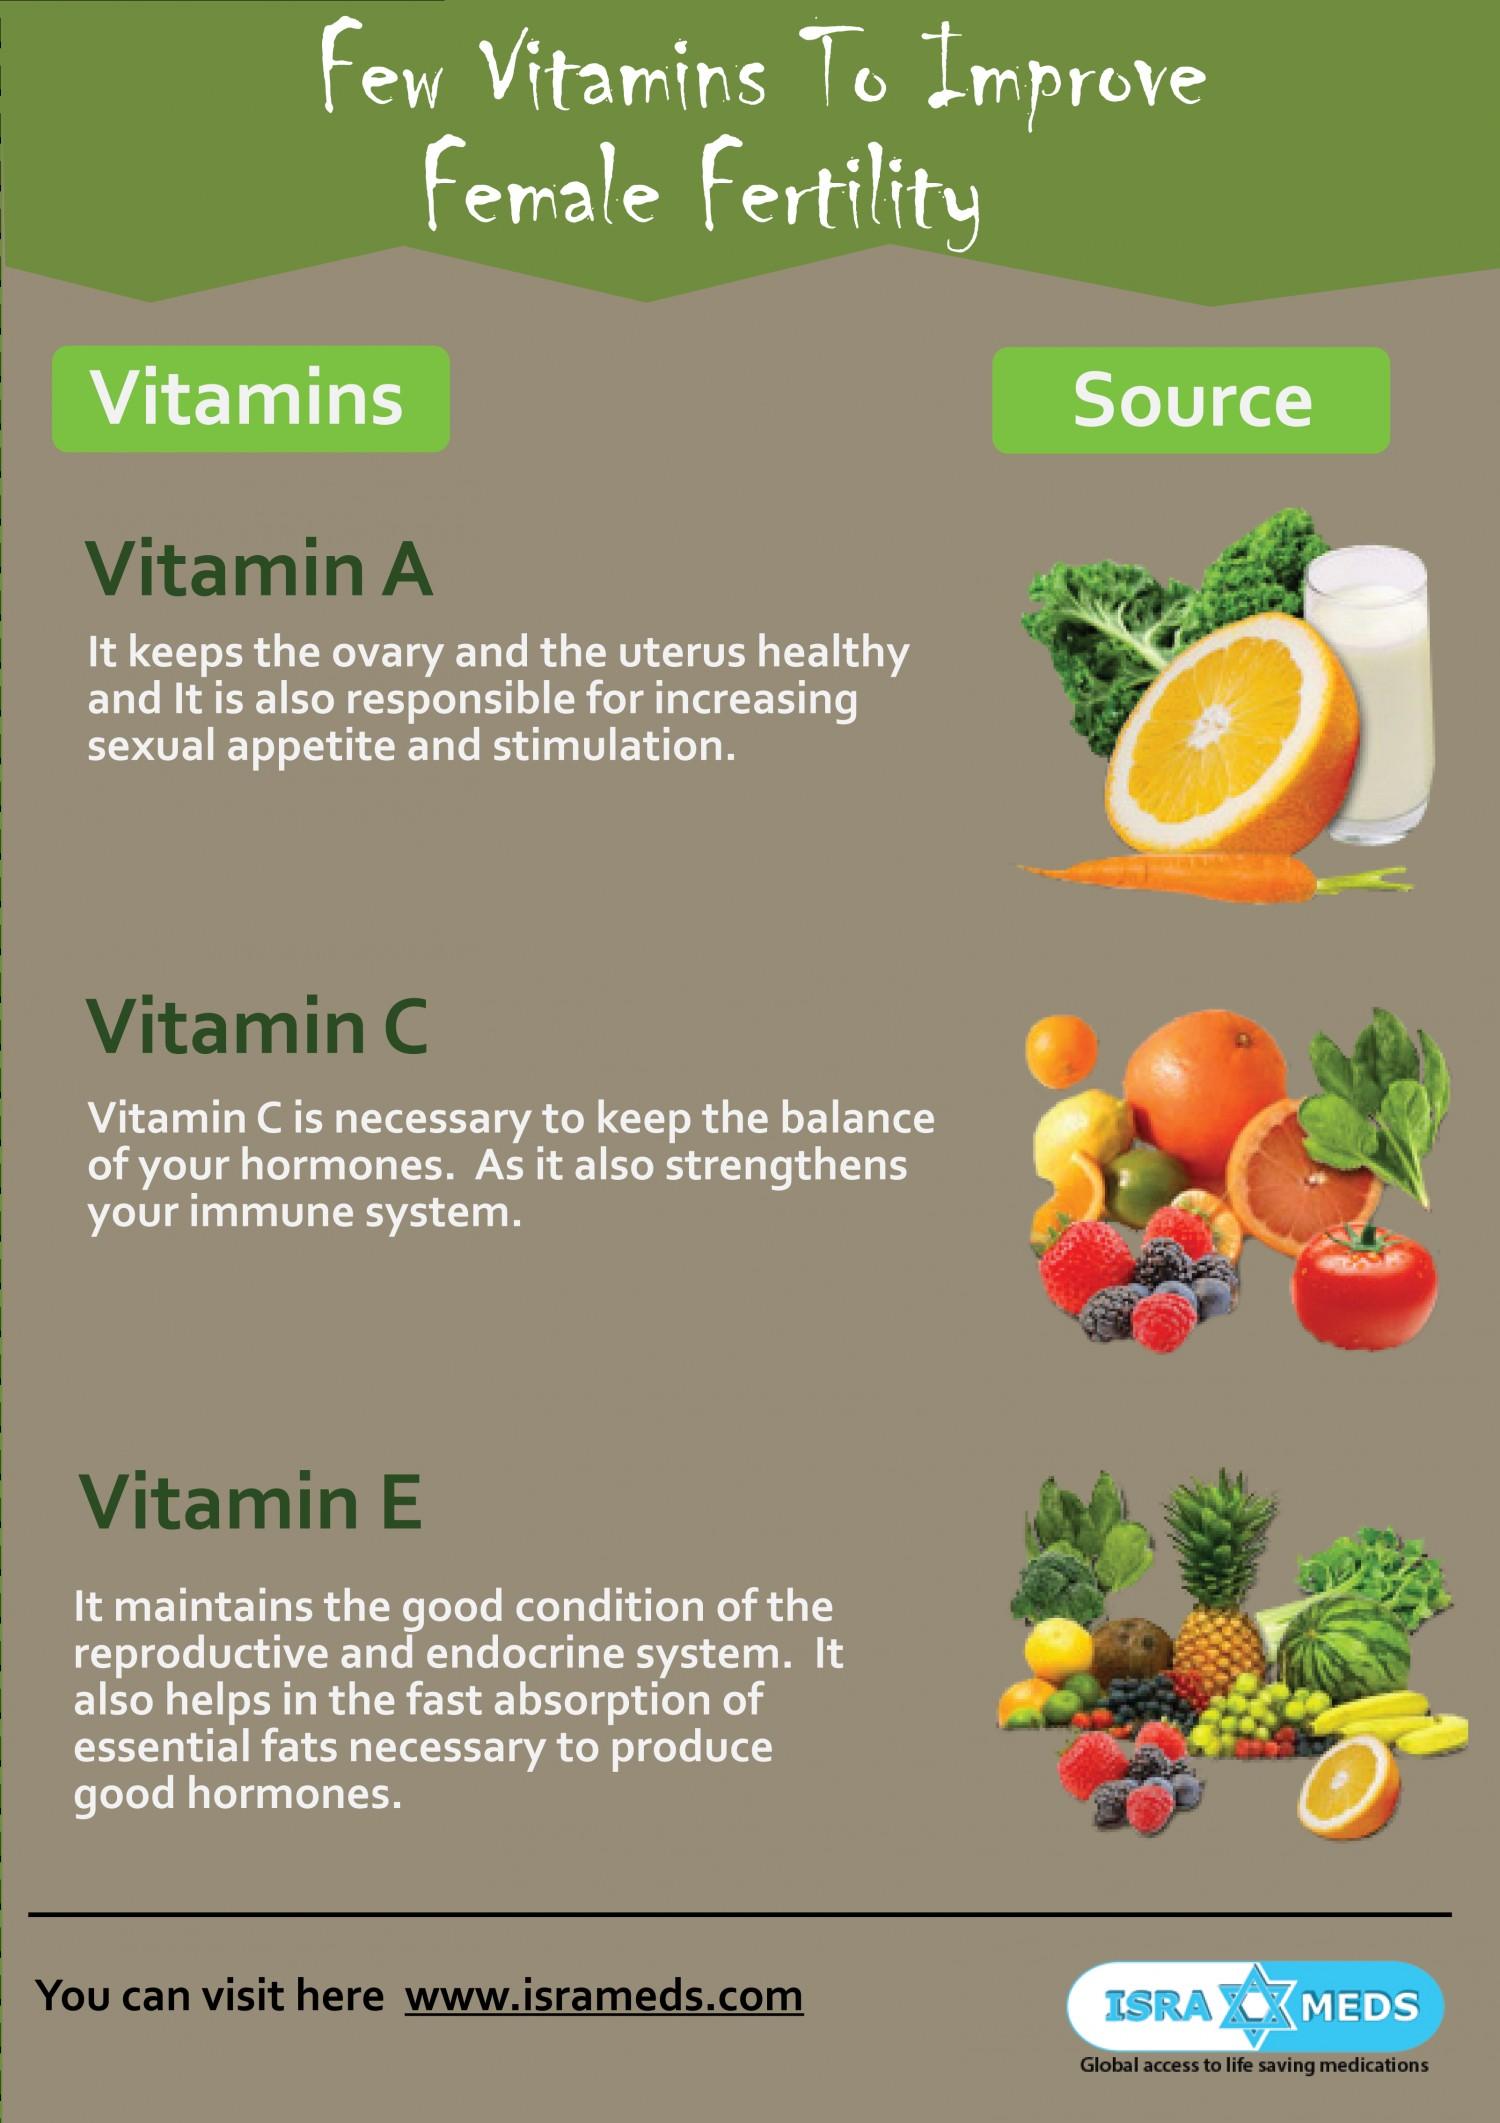 vitamins to improve female fertility